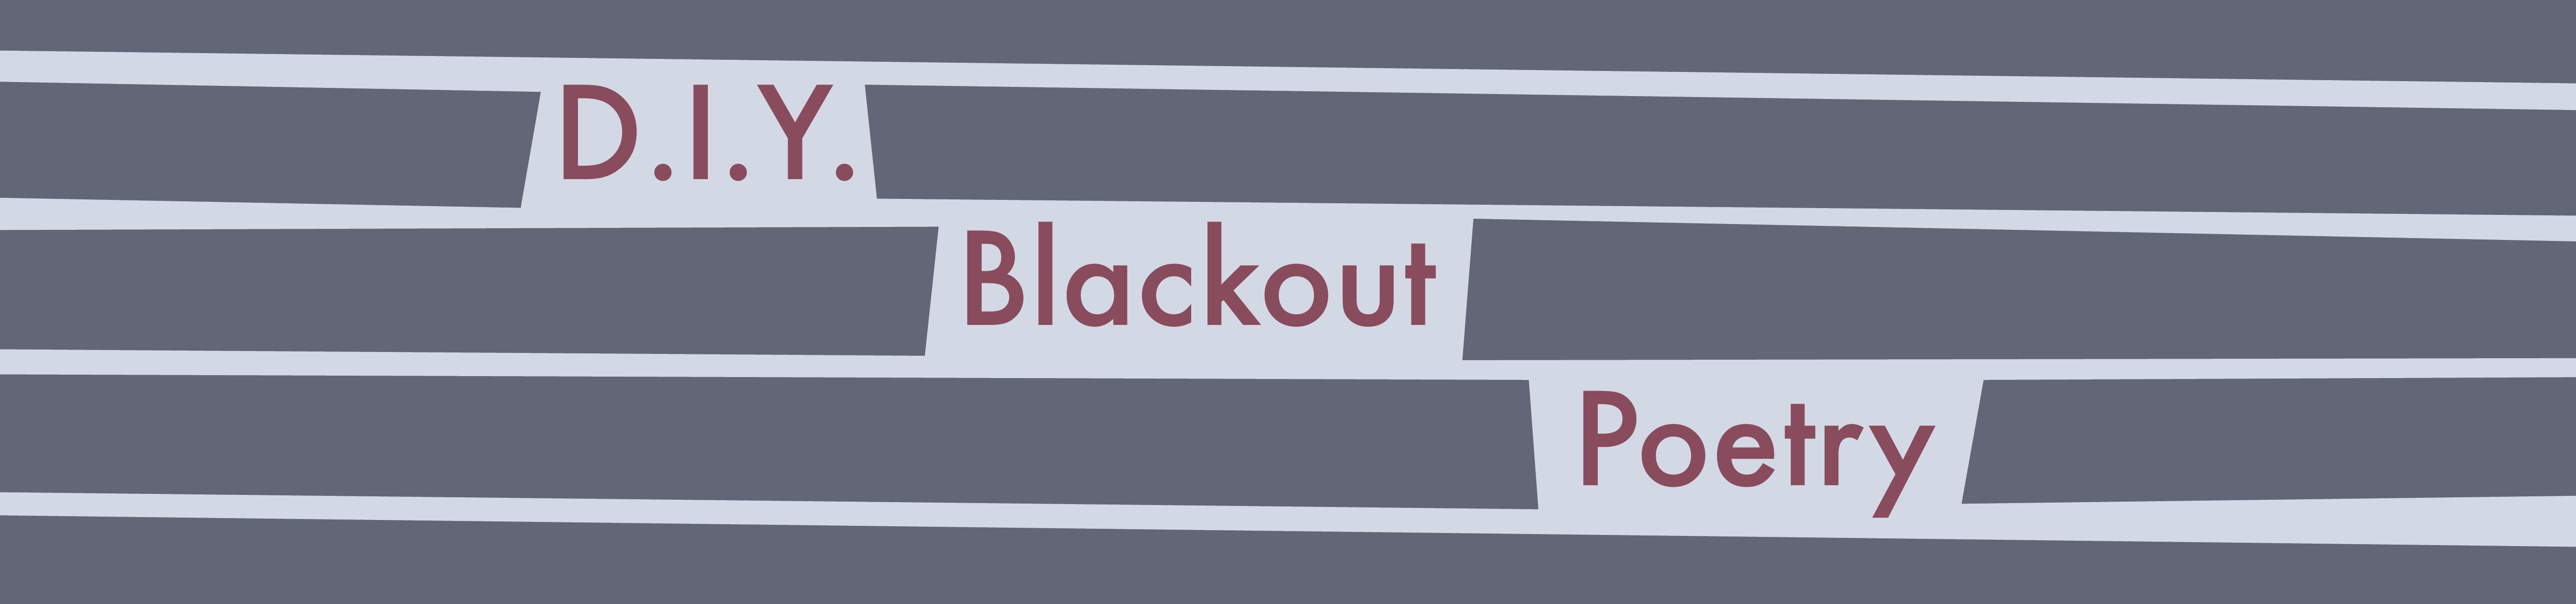 D.I.Y. Blackout Poetry header